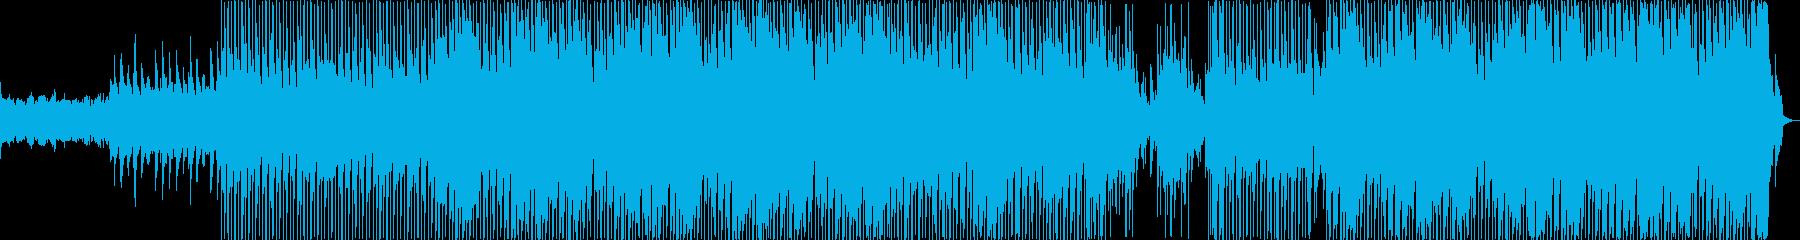 ヘヴィロック 説明的 楽しげ クー...の再生済みの波形